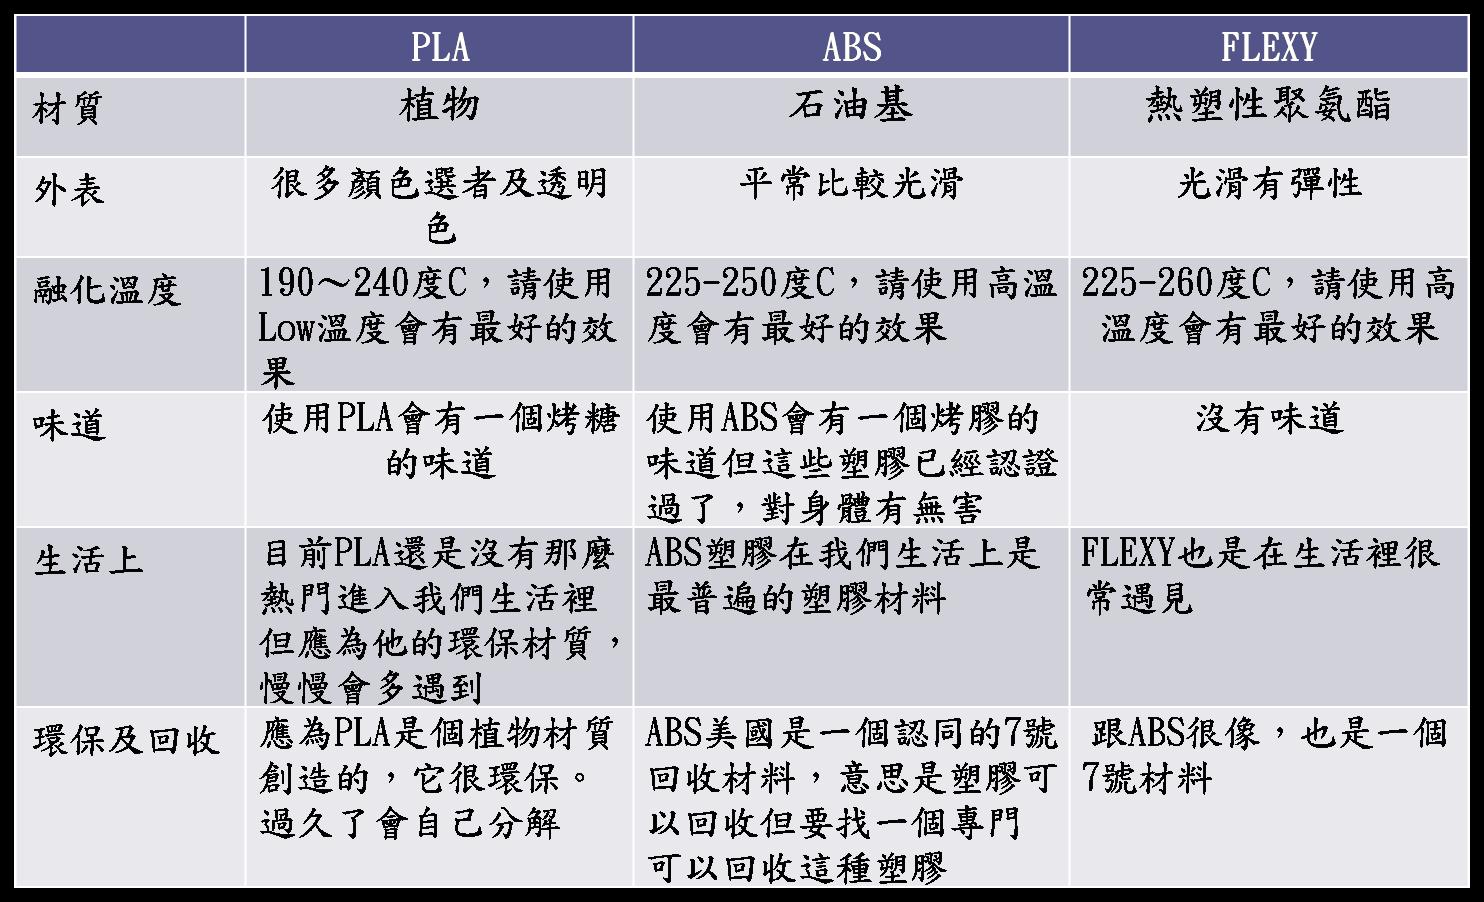 3D 列 印 技 術: 3D技術比較表與應用